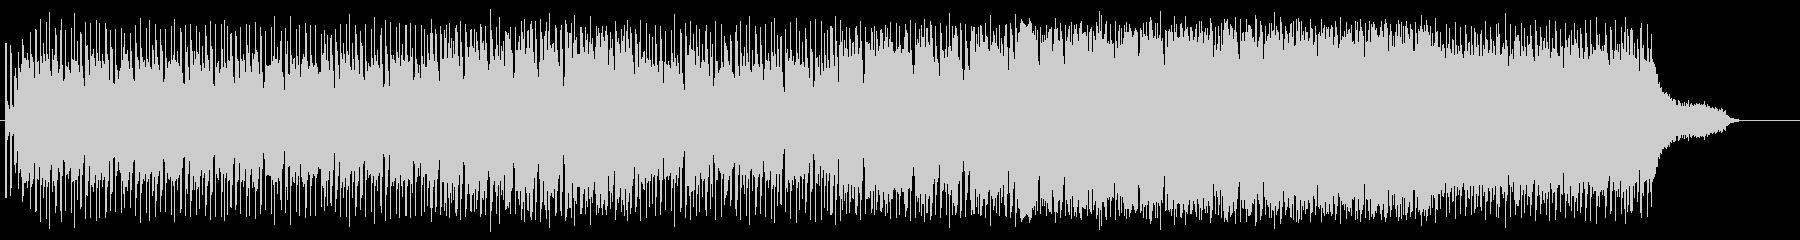 テーマ性のあるクールなフュージョンの未再生の波形